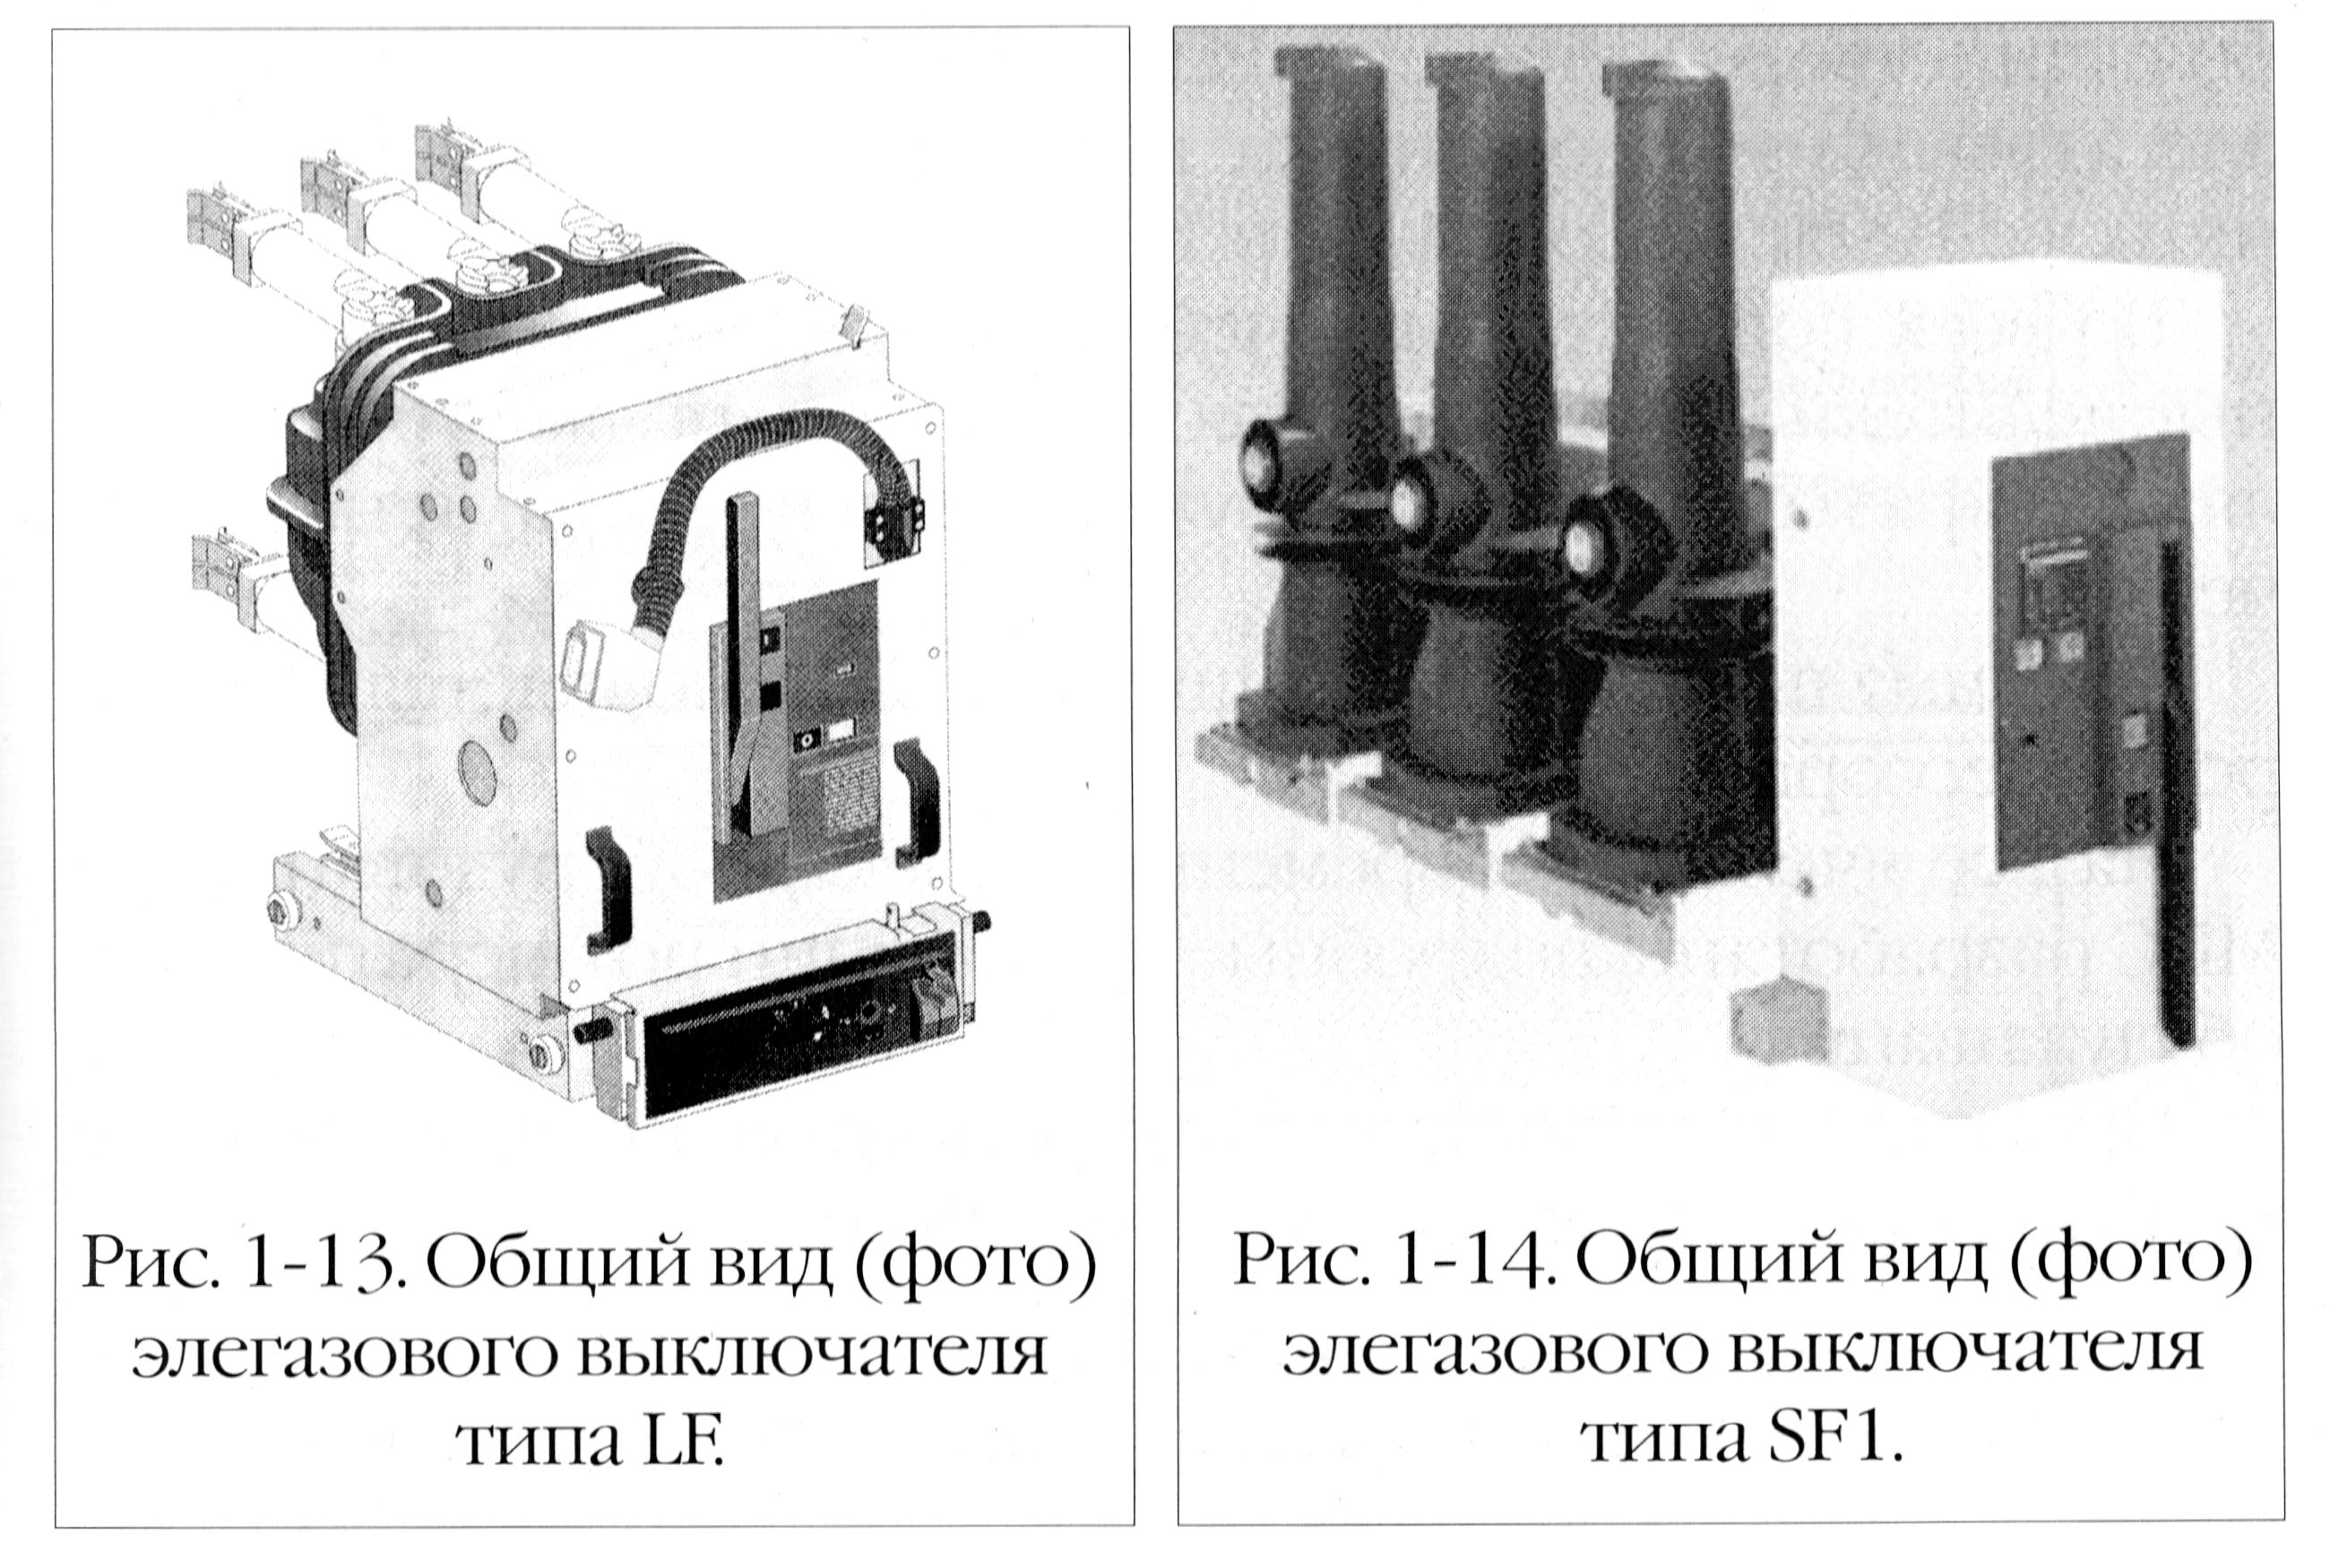 Рис. 1-13/14. Общий вид элегазовых выключателей LF и SF1.